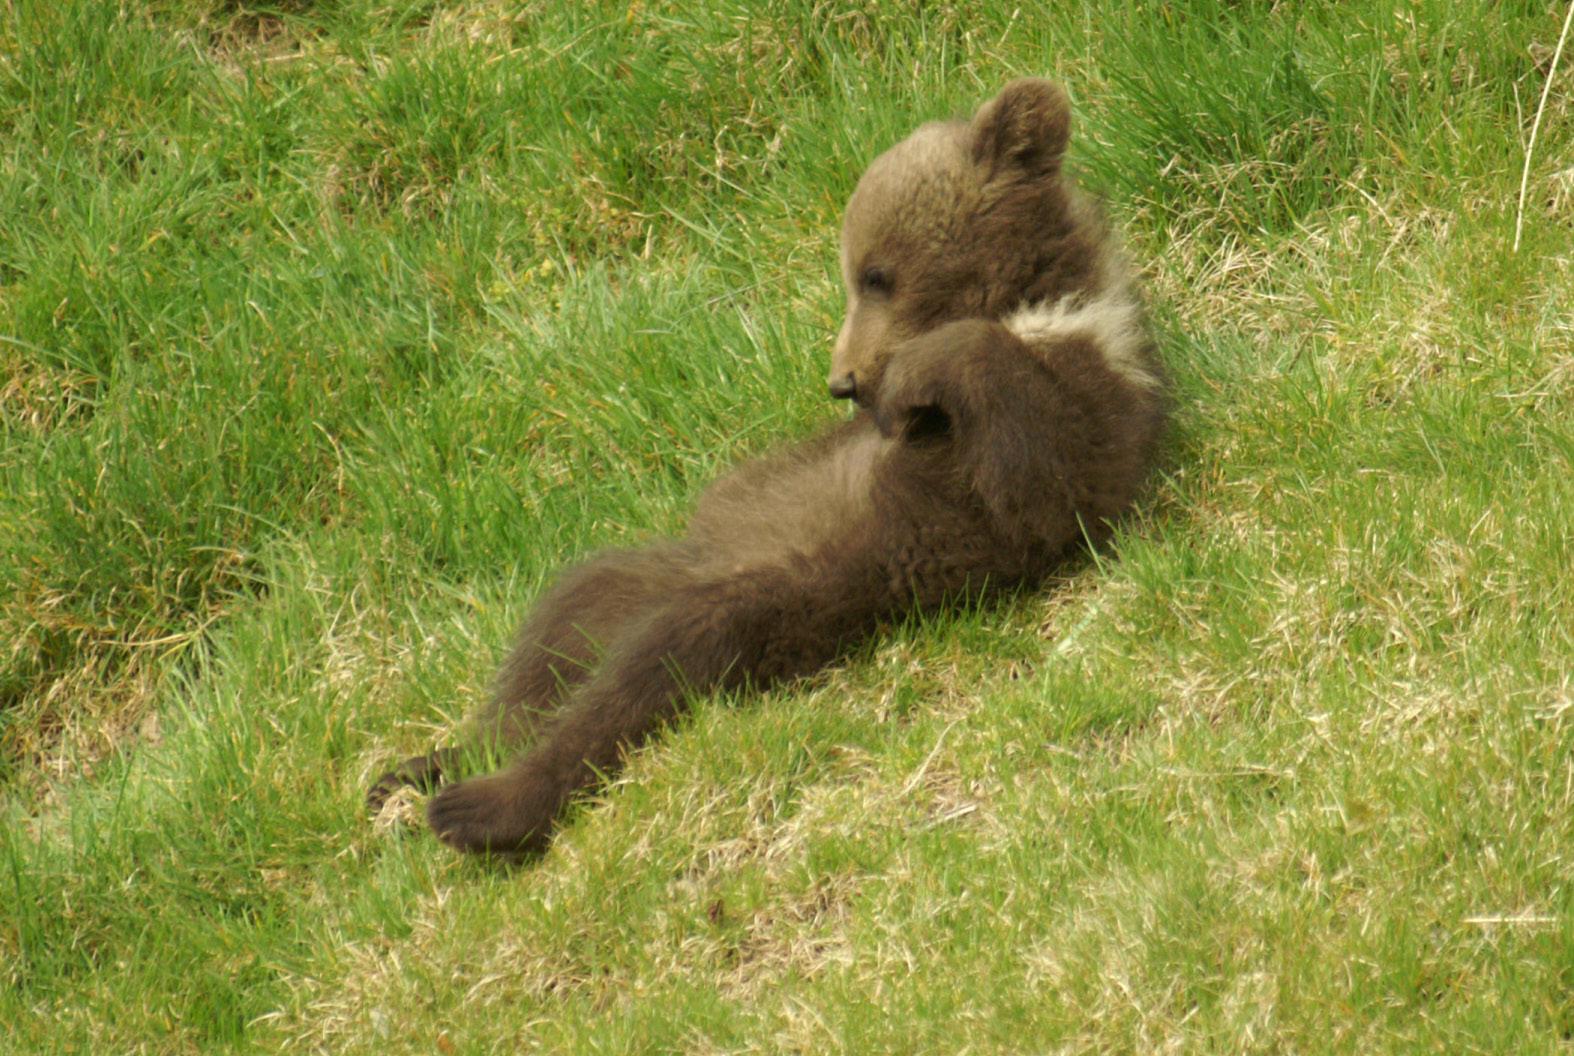 Ist das nicht ein süsser junger Bär